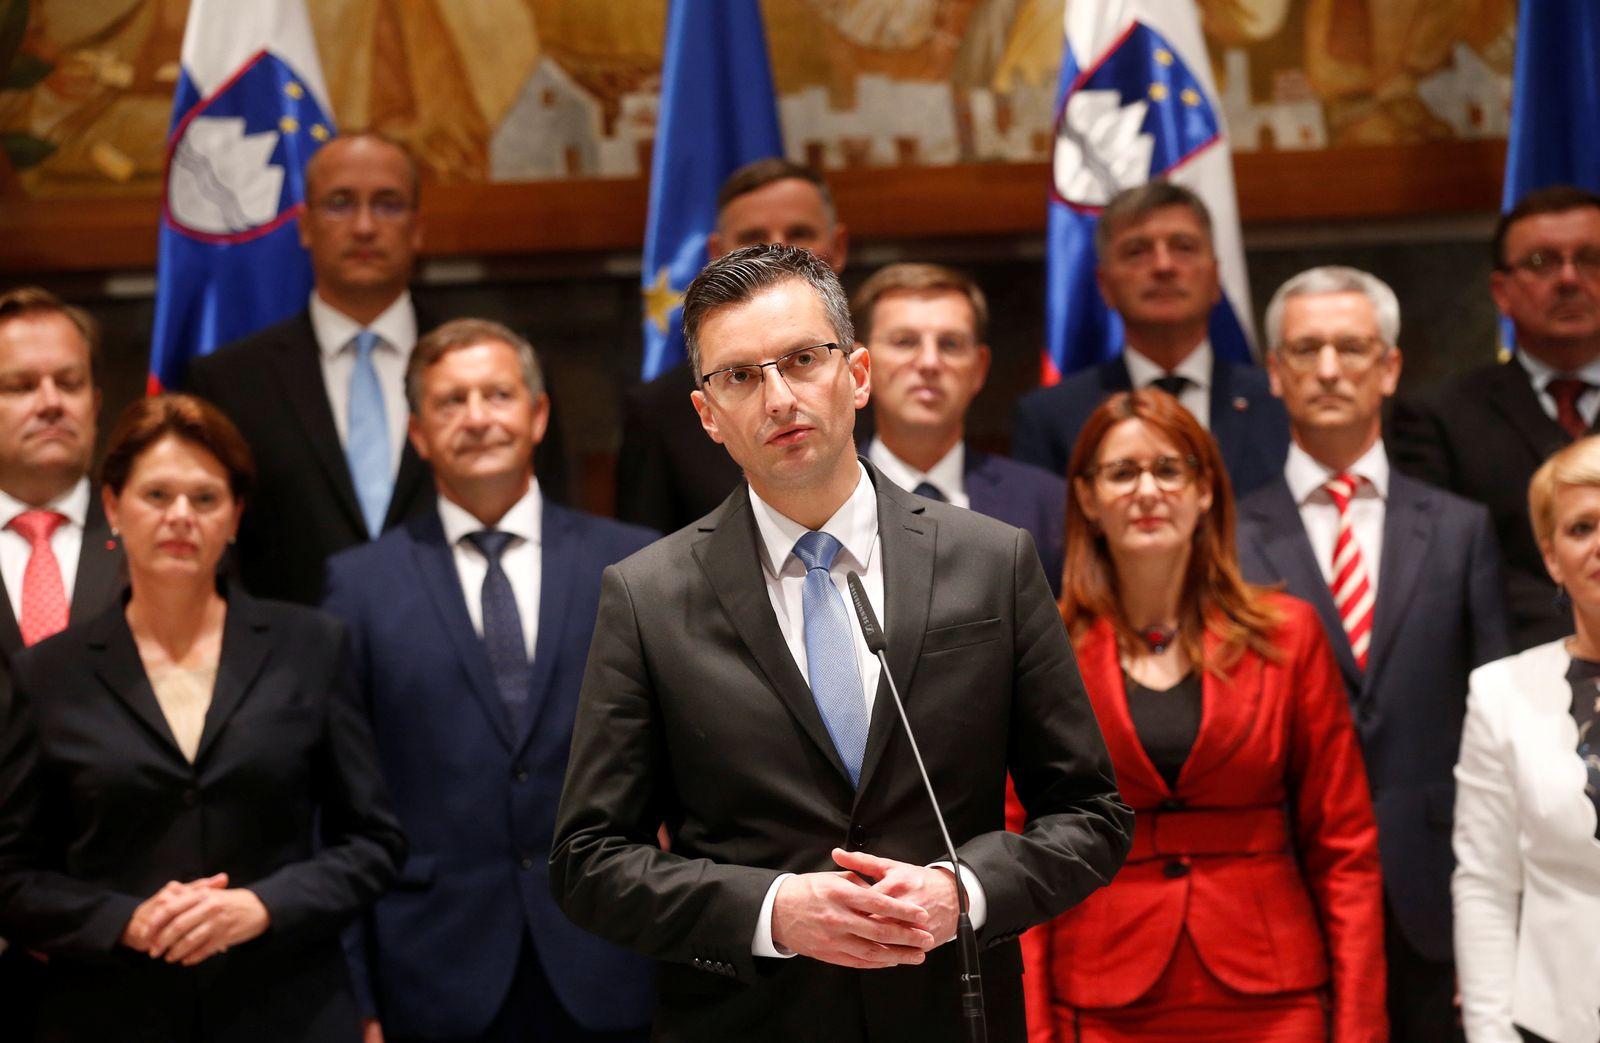 SLOVENIA-GOVERNMENT/